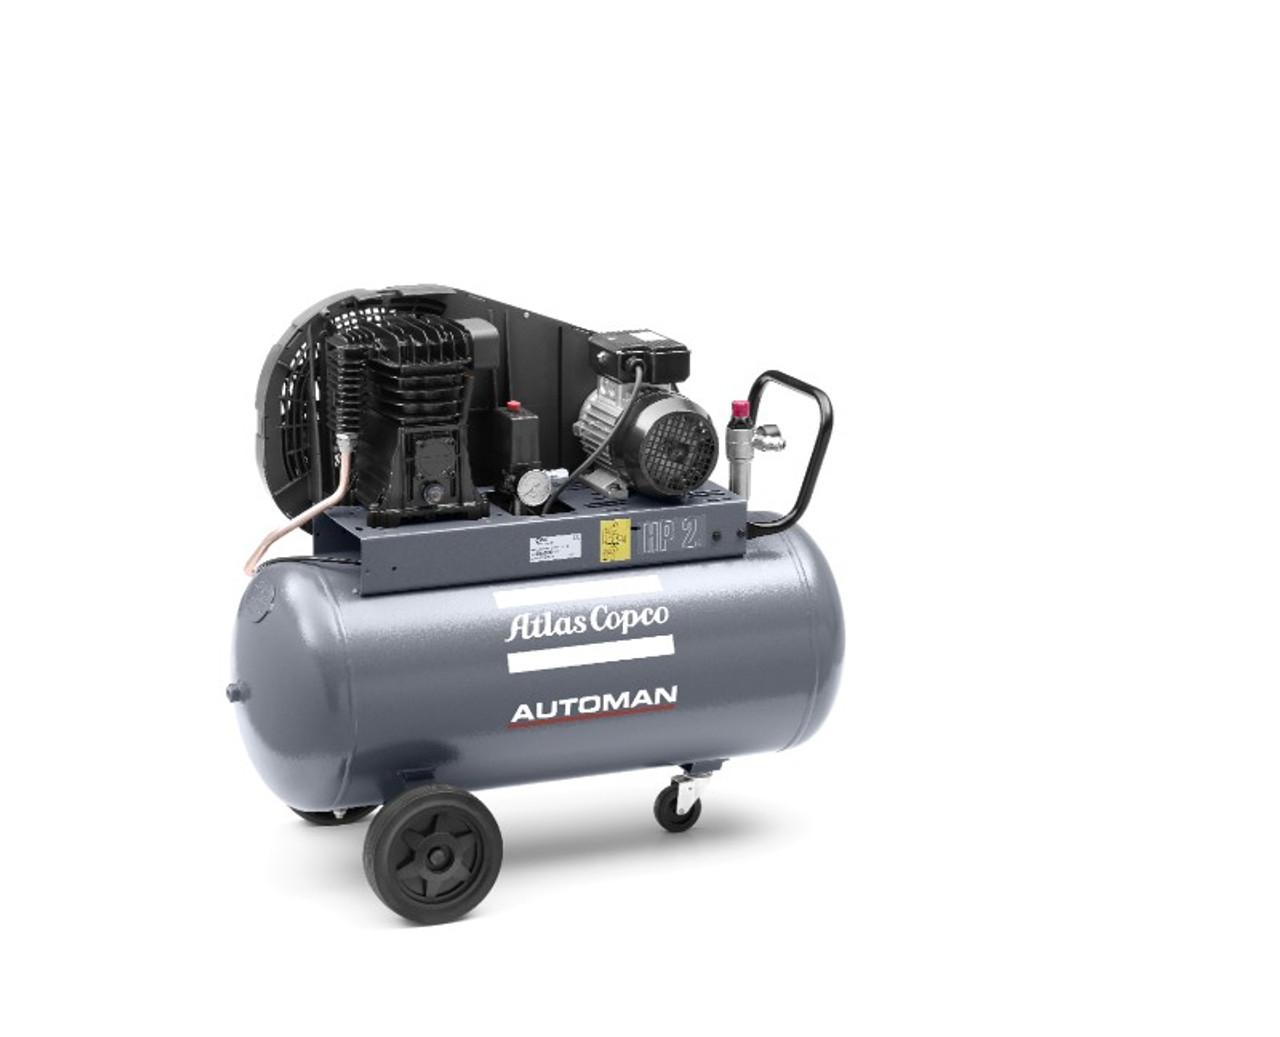 Atlas Copco Piston Air Compressor 4HP, 16.3CFM- AT40E100T